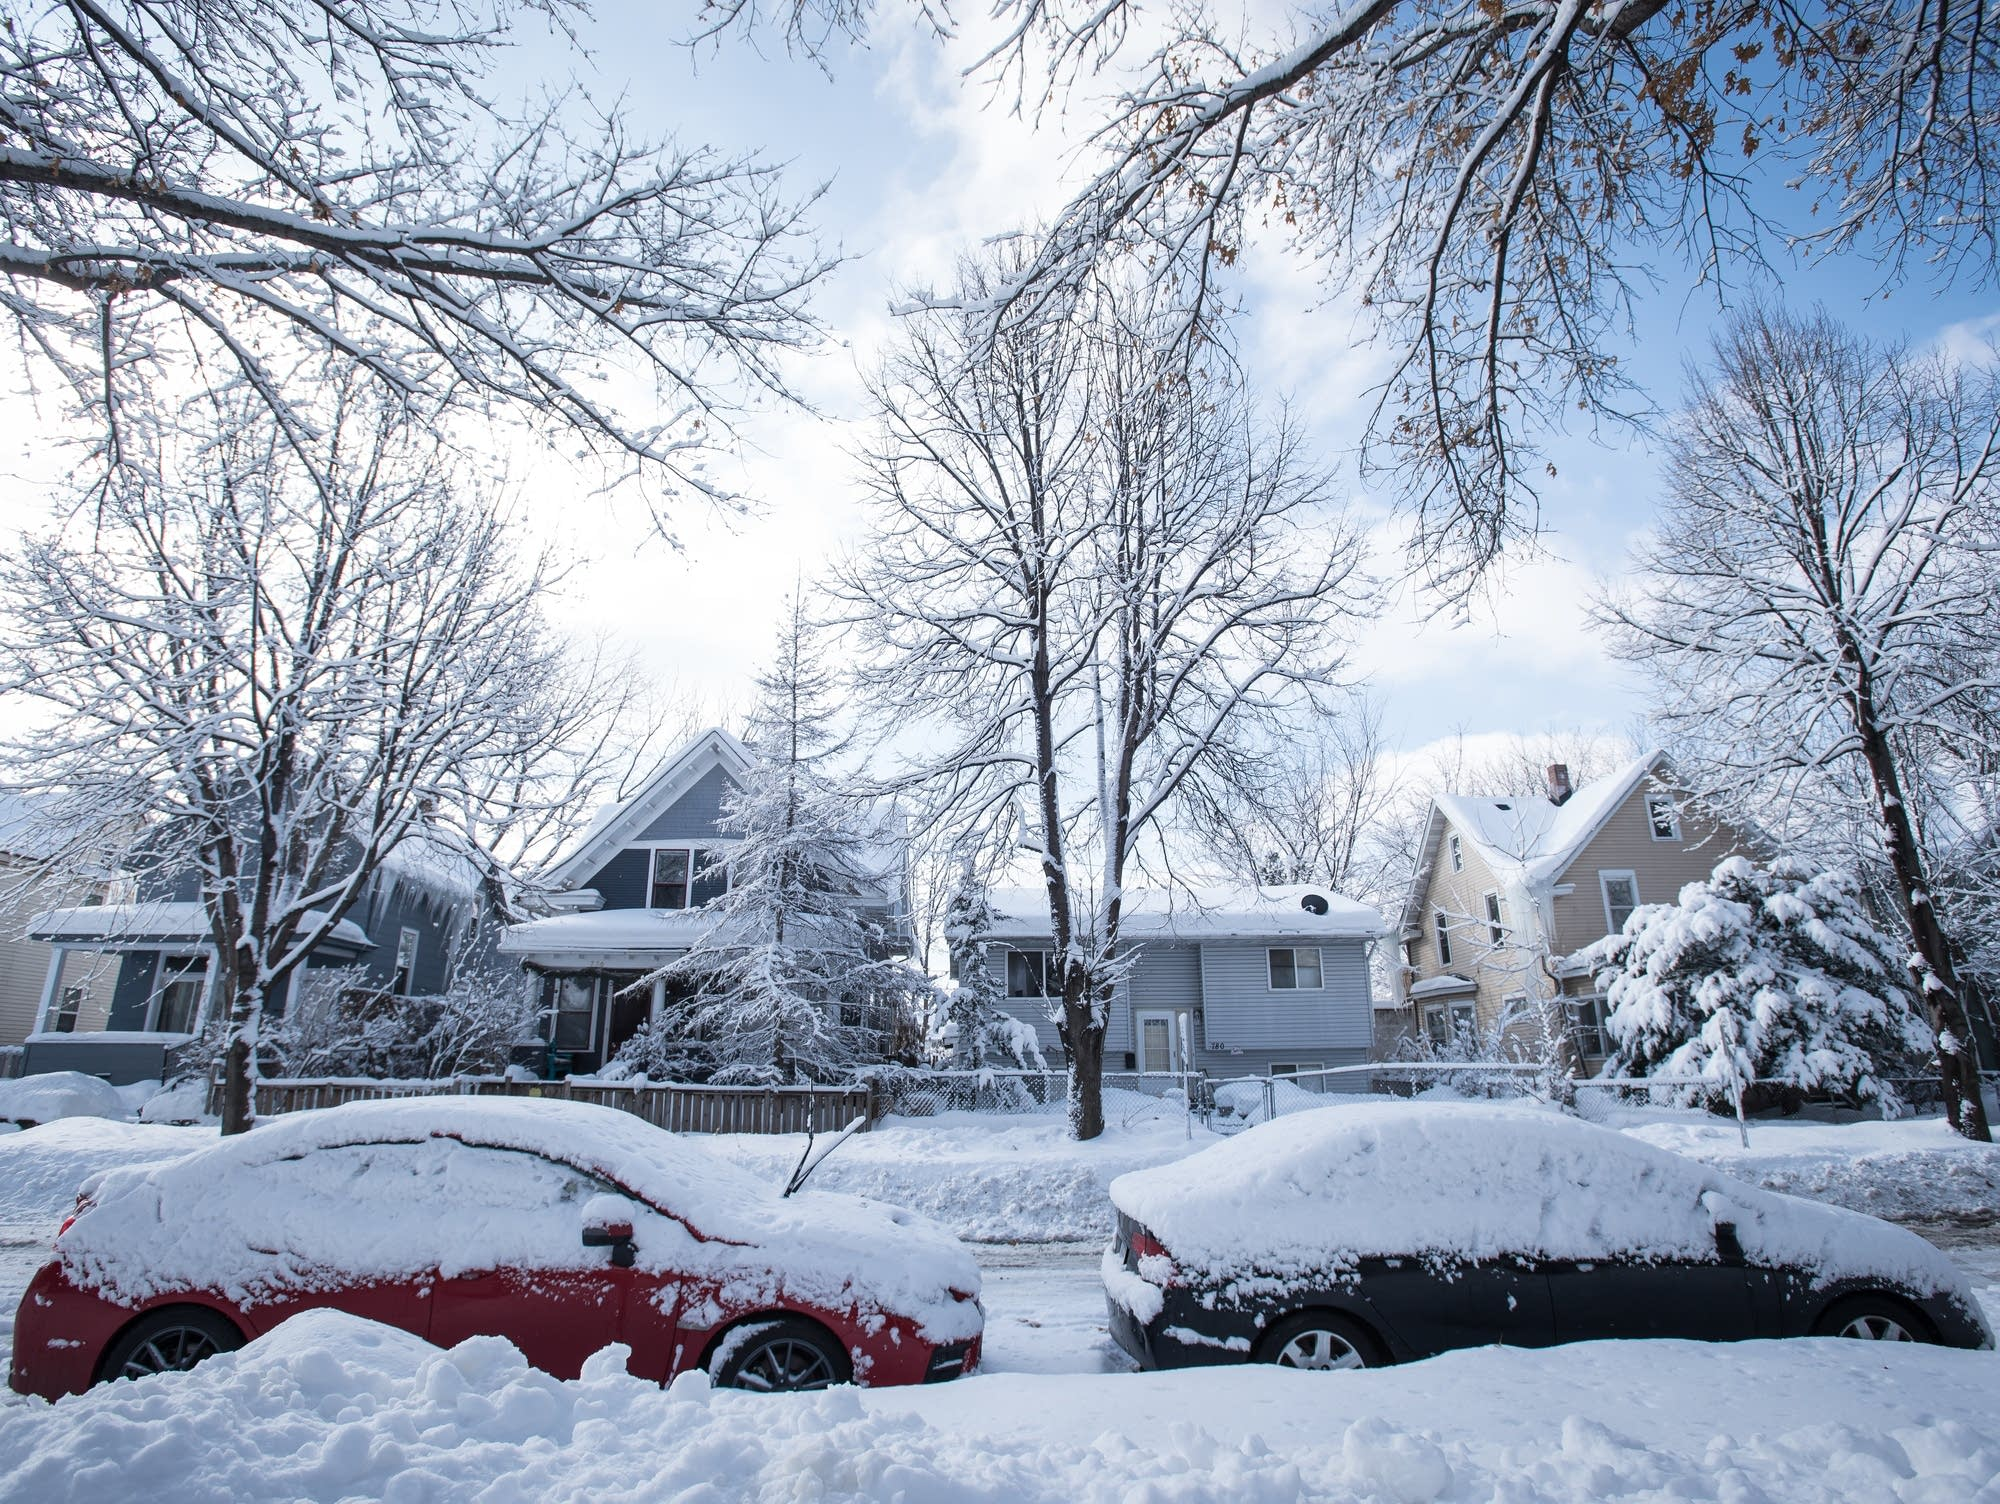 A winter scene in the Frogtown neighborhood of St. Paul